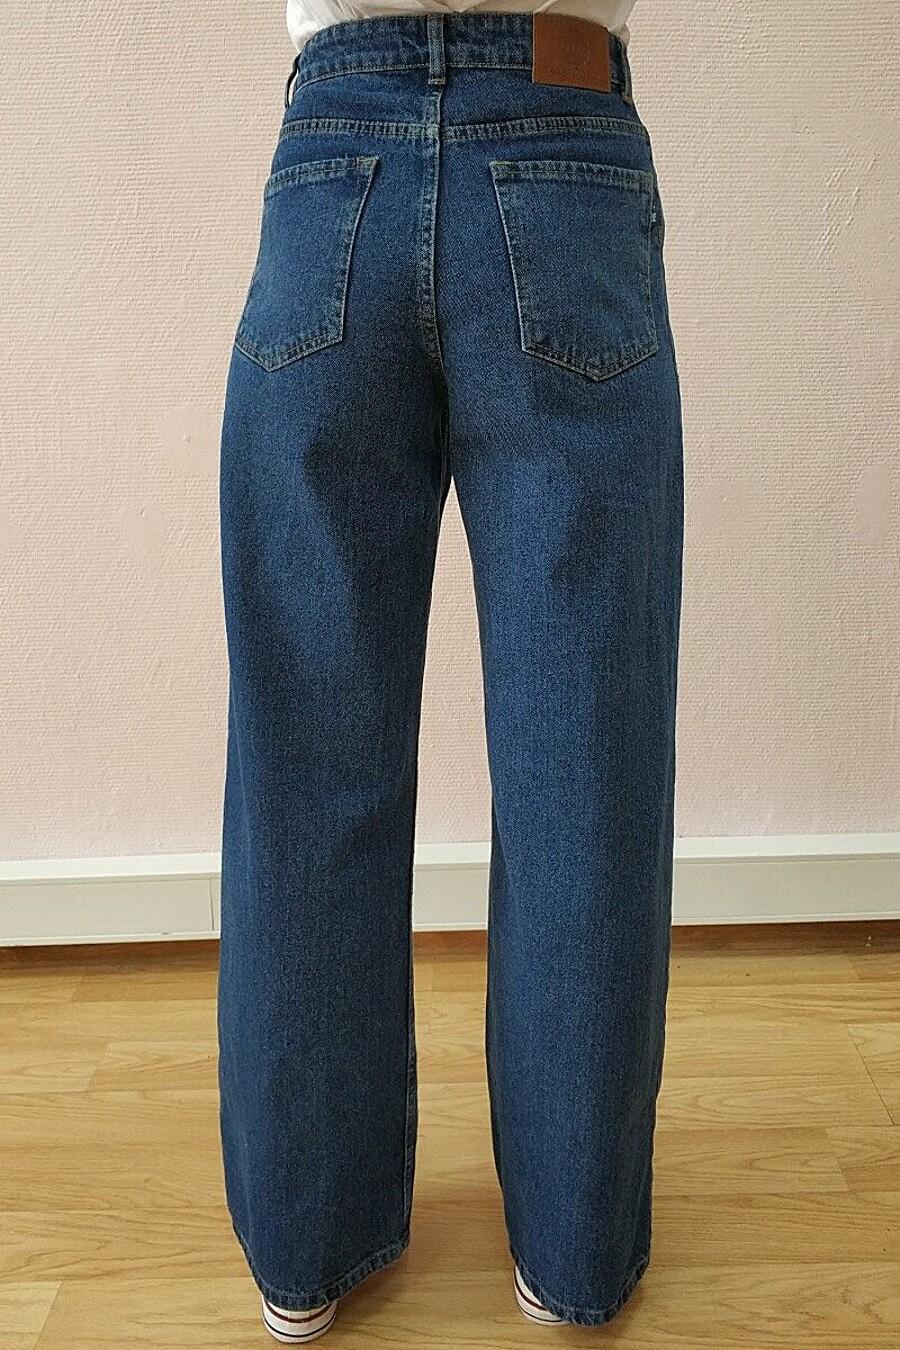 Джинсы для женщин F5 649529 купить оптом от производителя. Совместная покупка женской одежды в OptMoyo